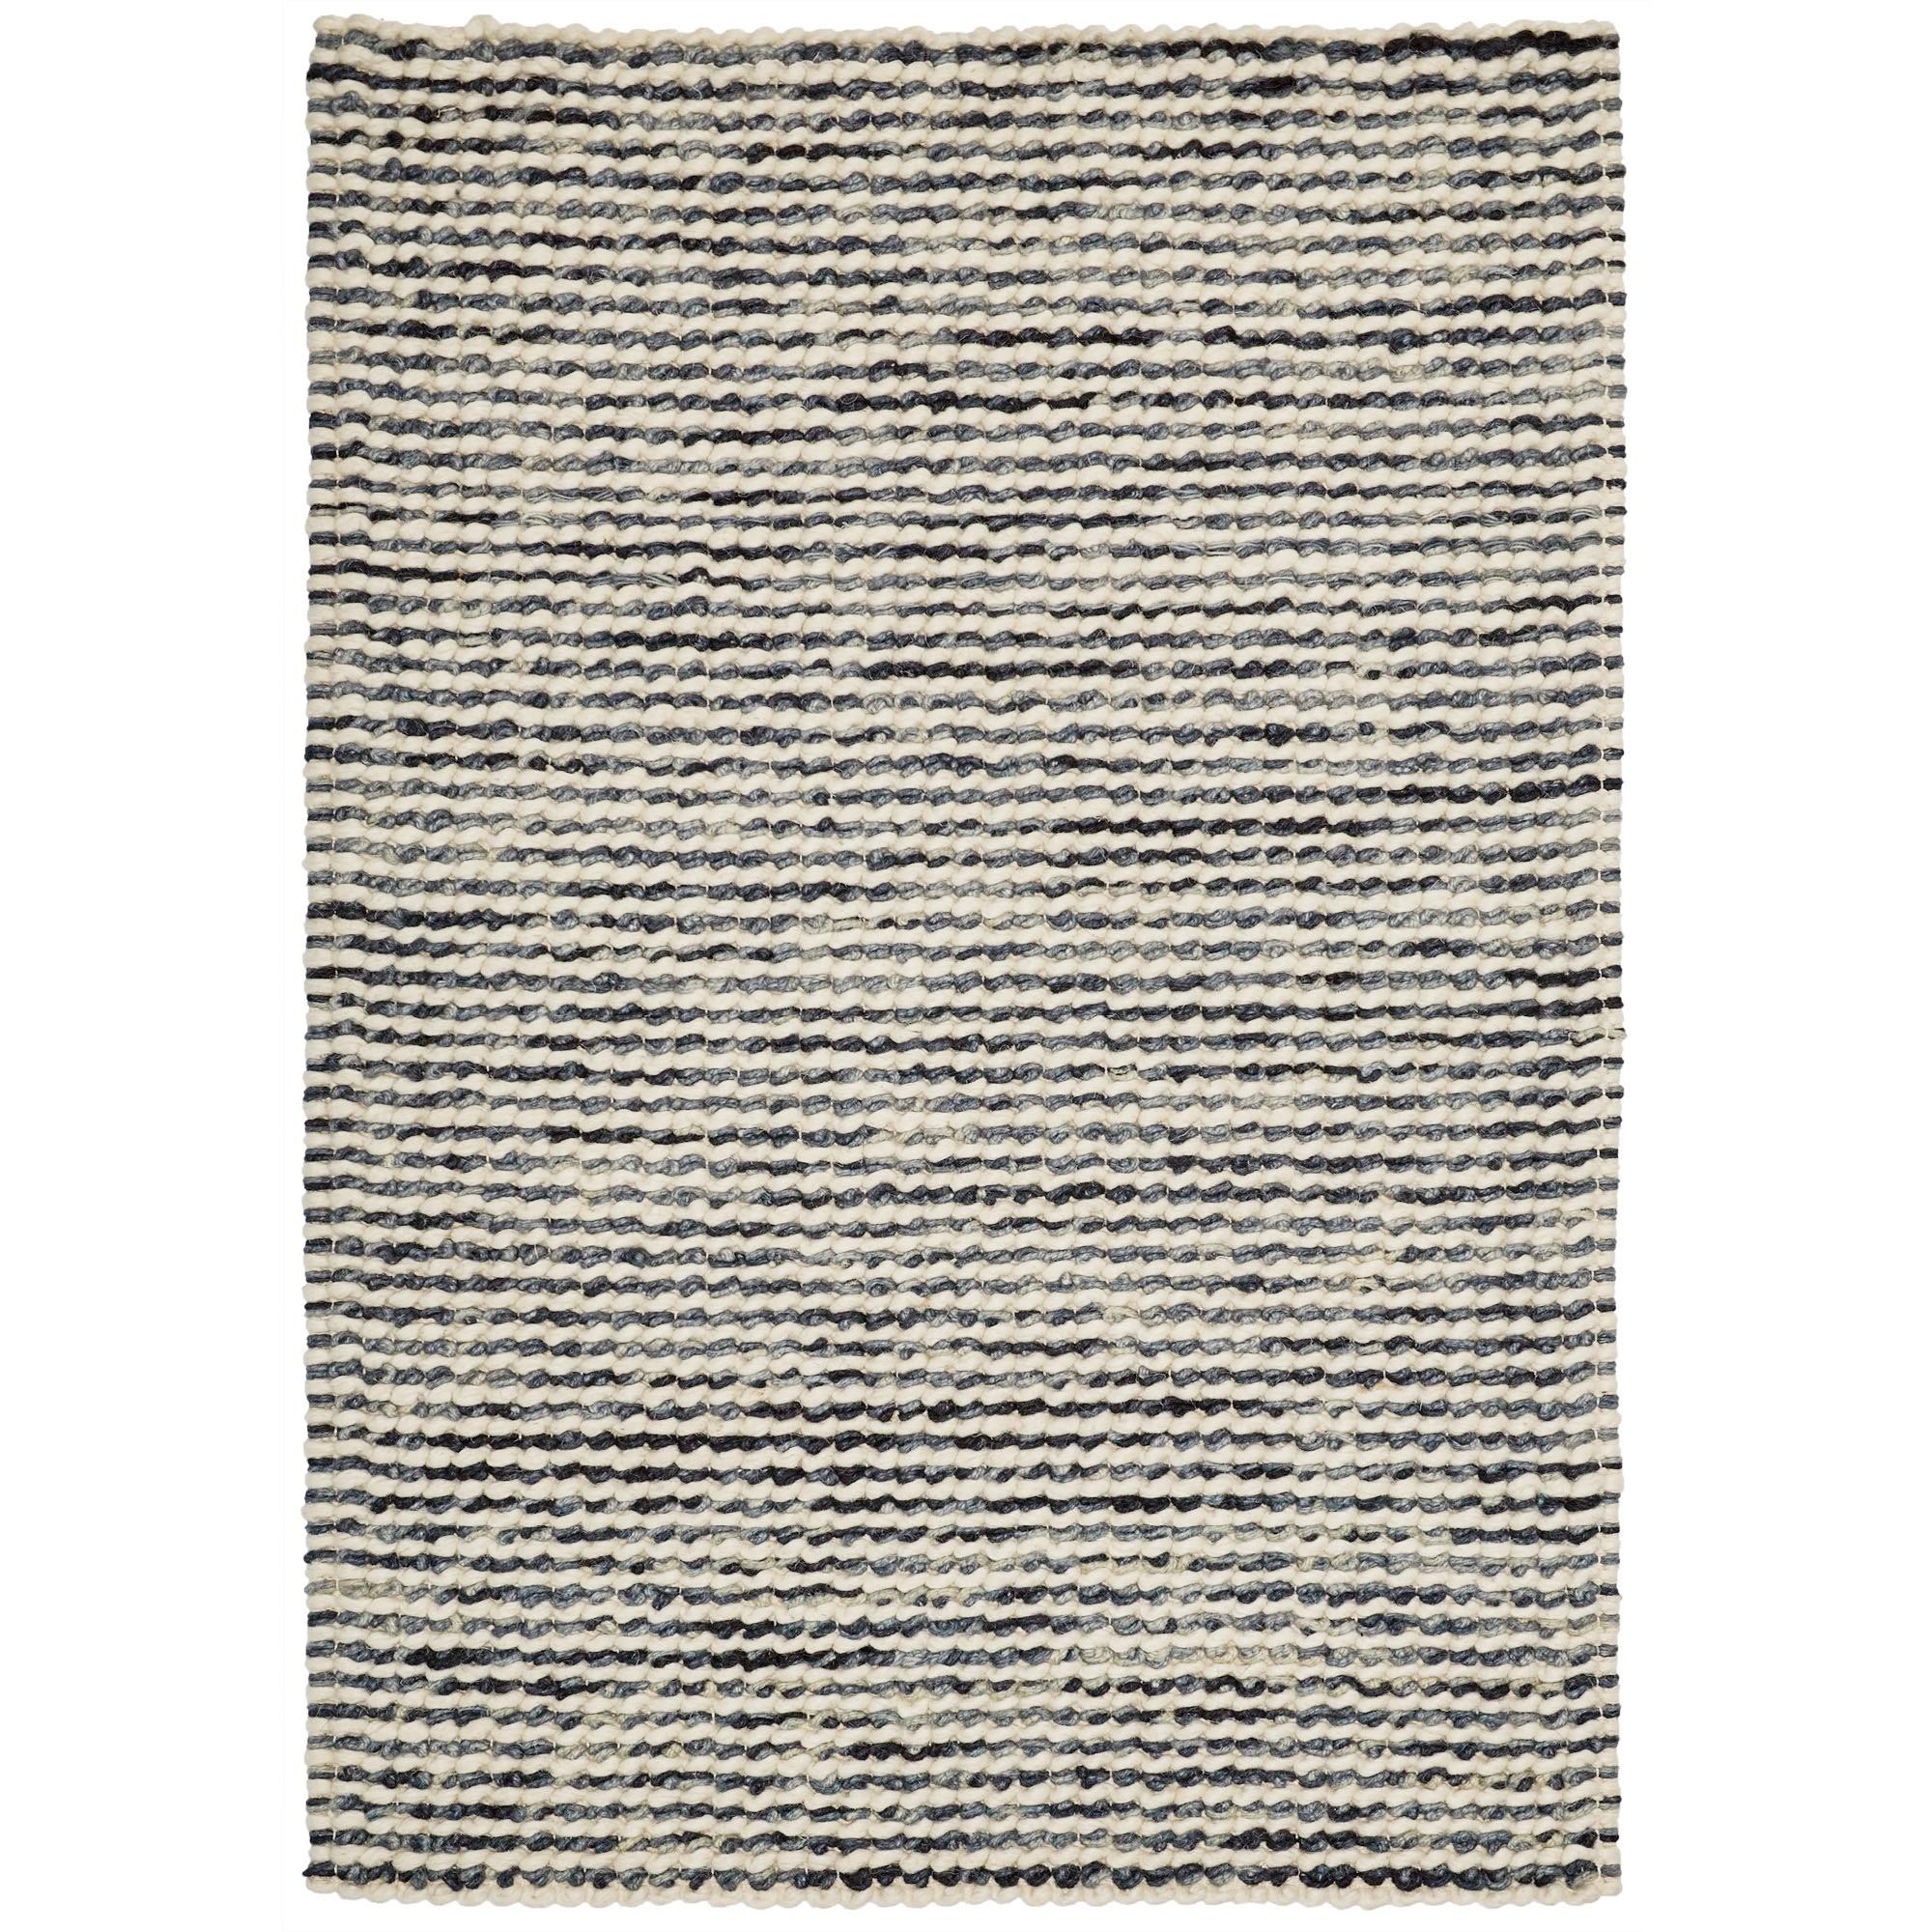 Knight Wool Rug, 290x200cm, Cream / Grey